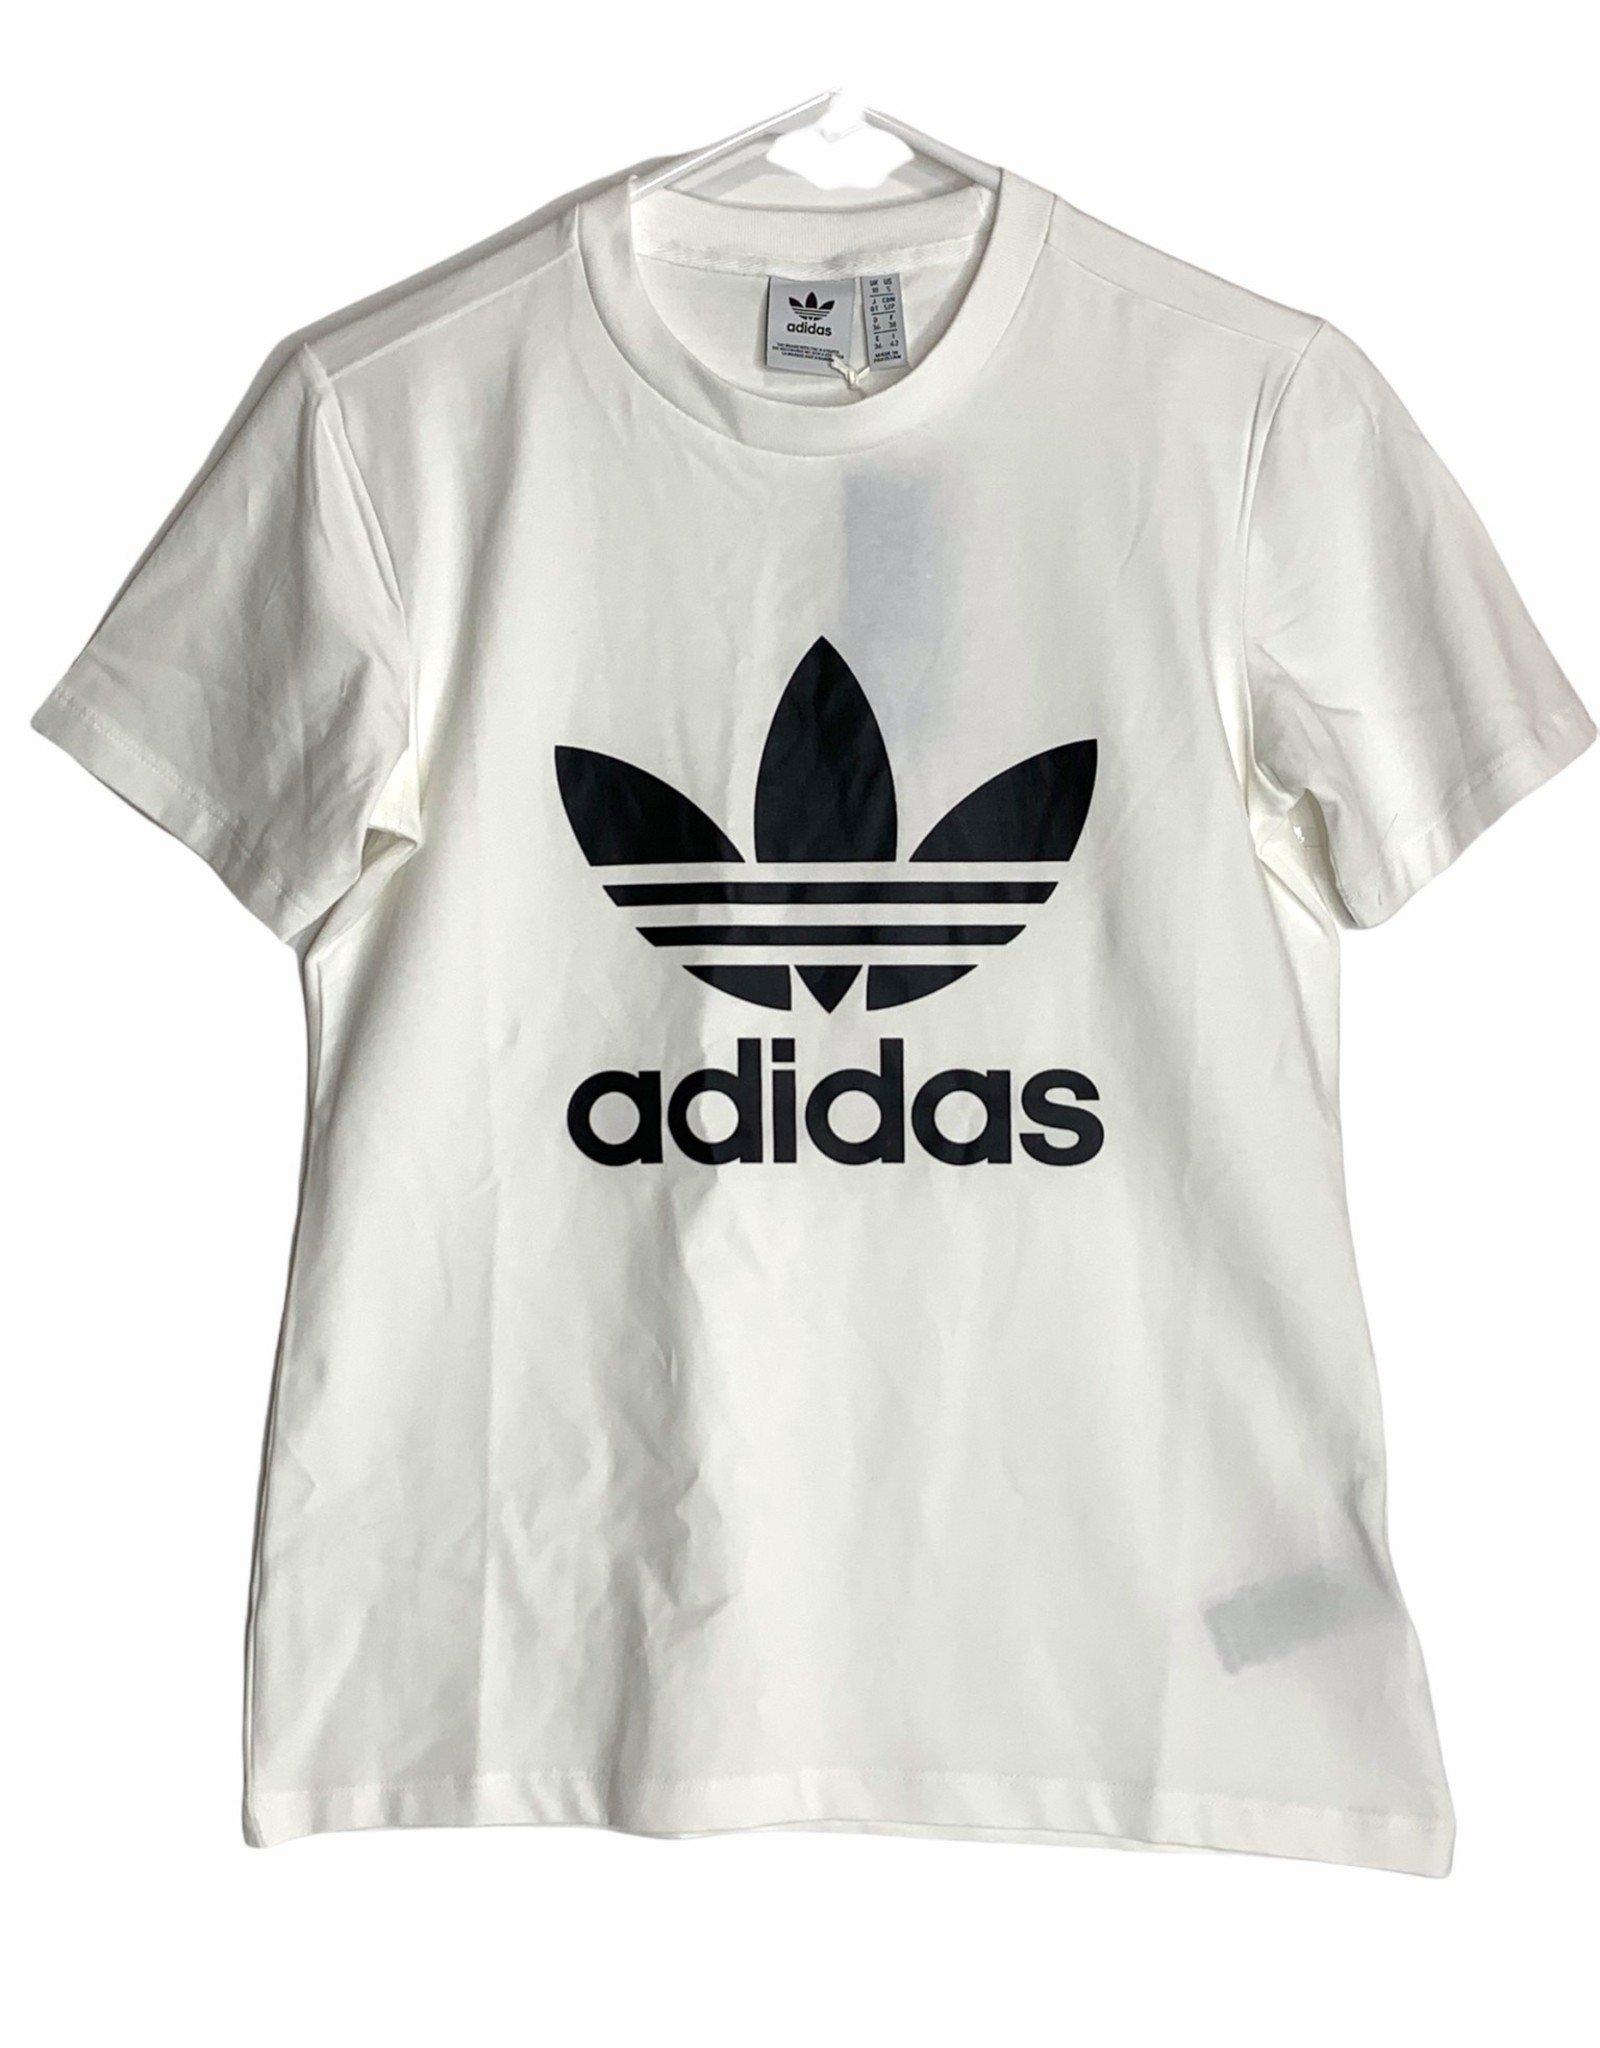 Adidas AdidasTrefoil Tee